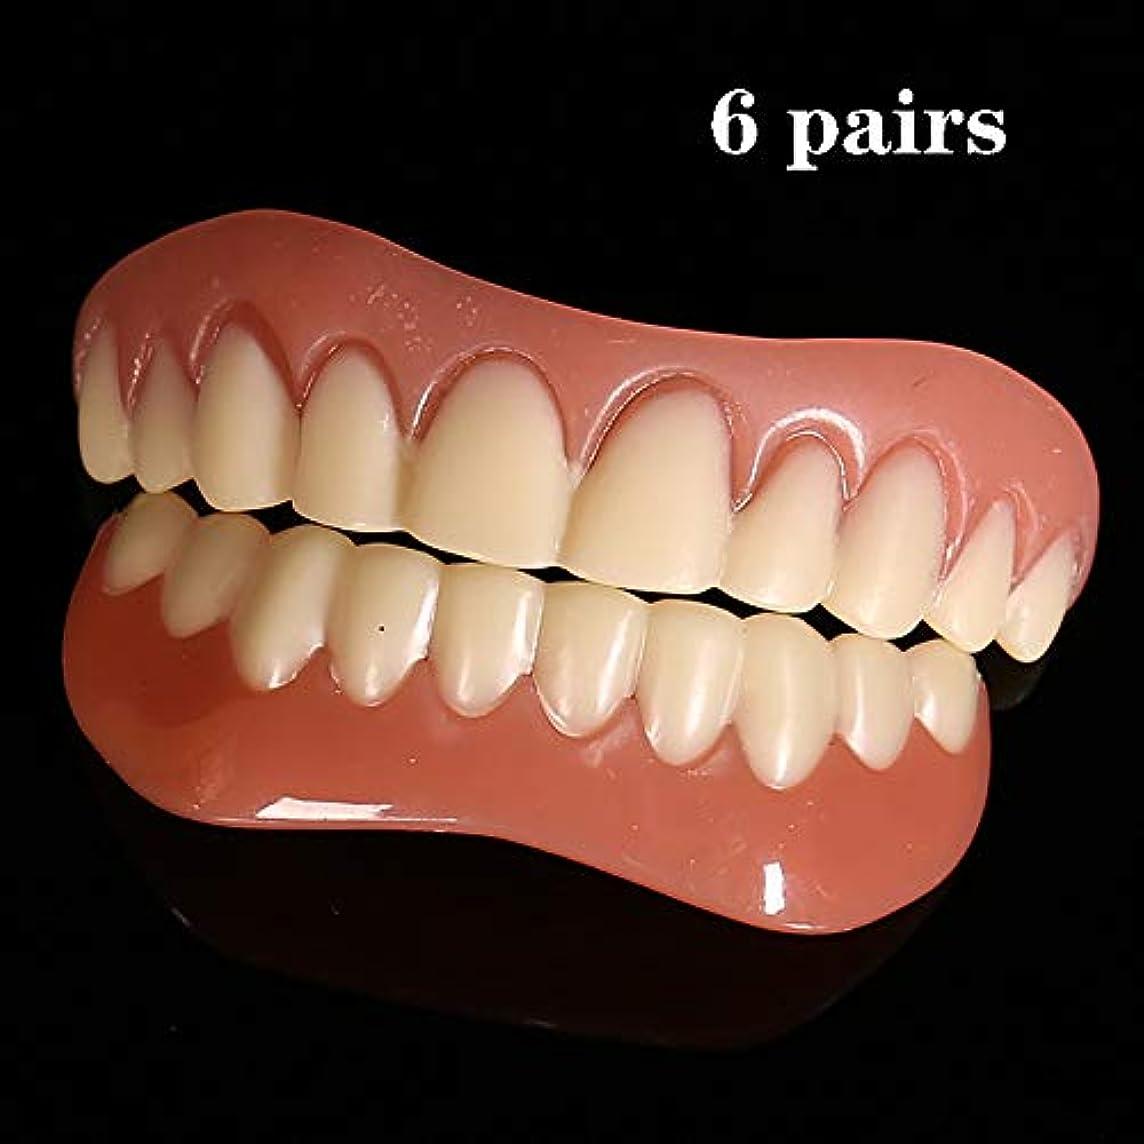 倍率バーガー低い歯突き板化粧品歯スナップオンセキュア6ペア上下の快適さフィット歯突き板安全インスタントスマイル化粧品ワンサイズ